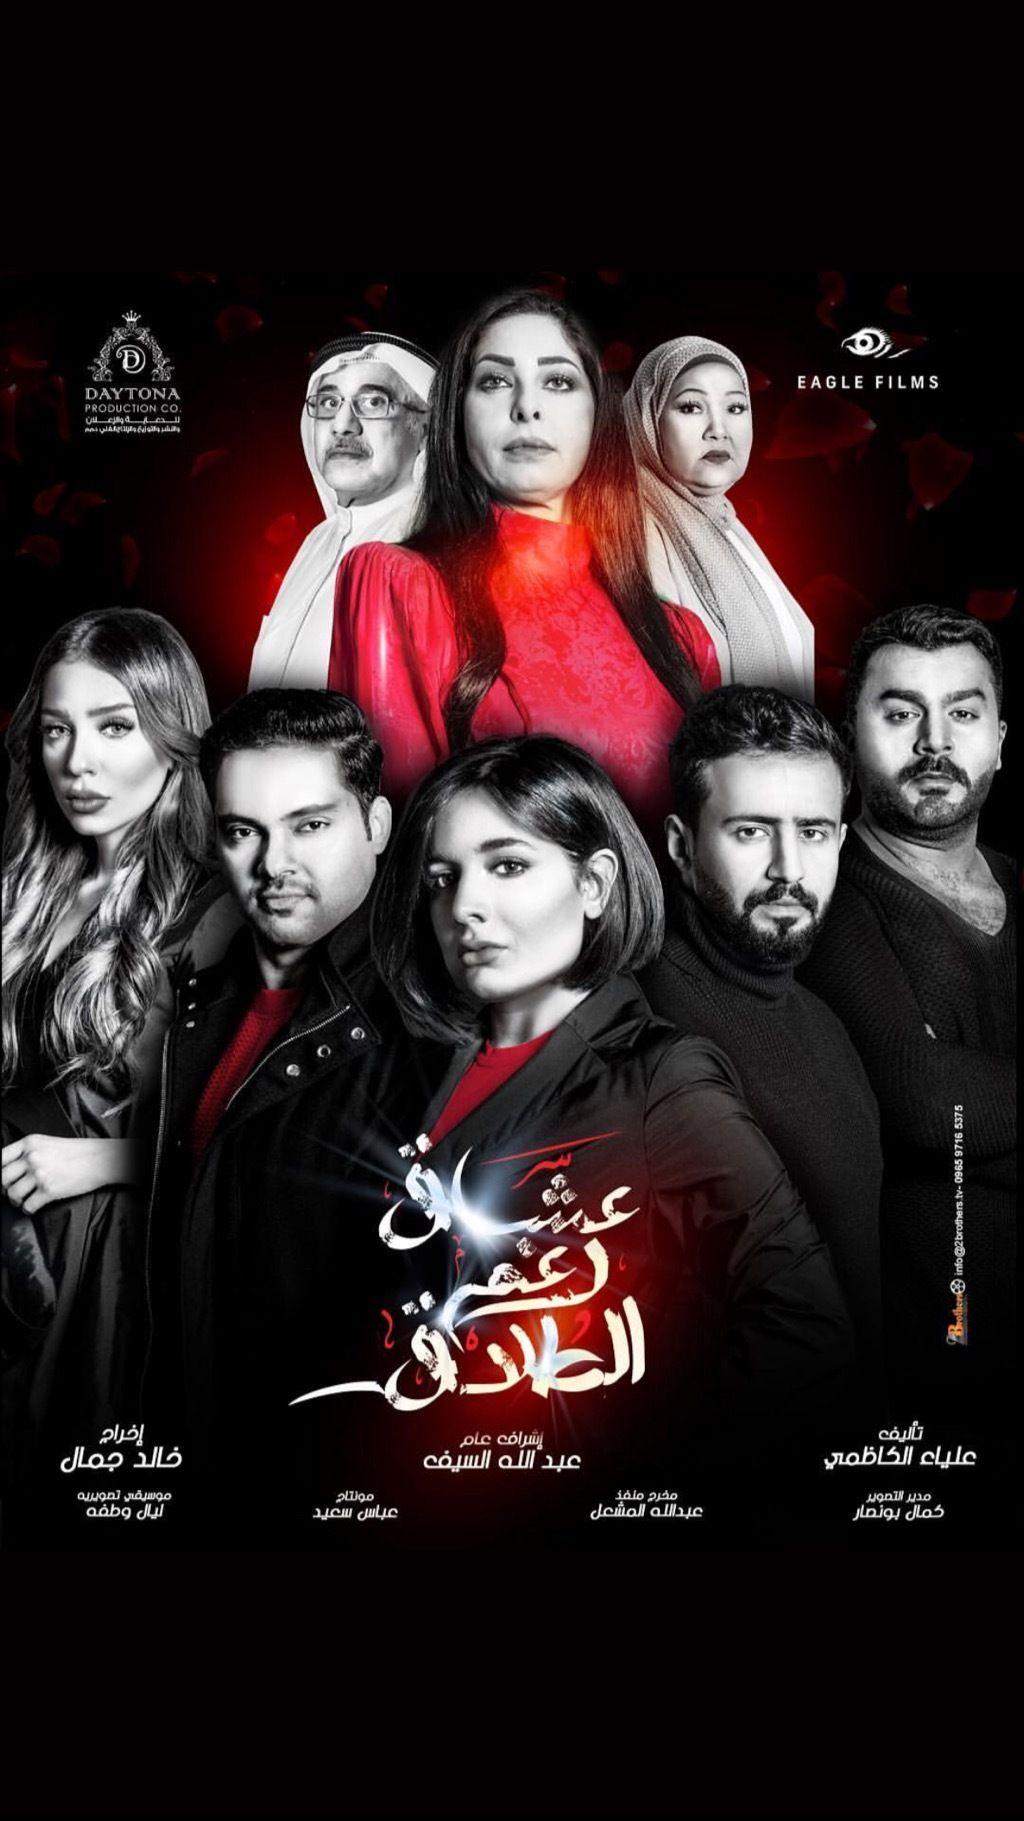 موعد وتوقيت عرض مسلسل عشاق رغم الطلاق على قناة الإمارات 2019 Divorce Lovers Movie Posters